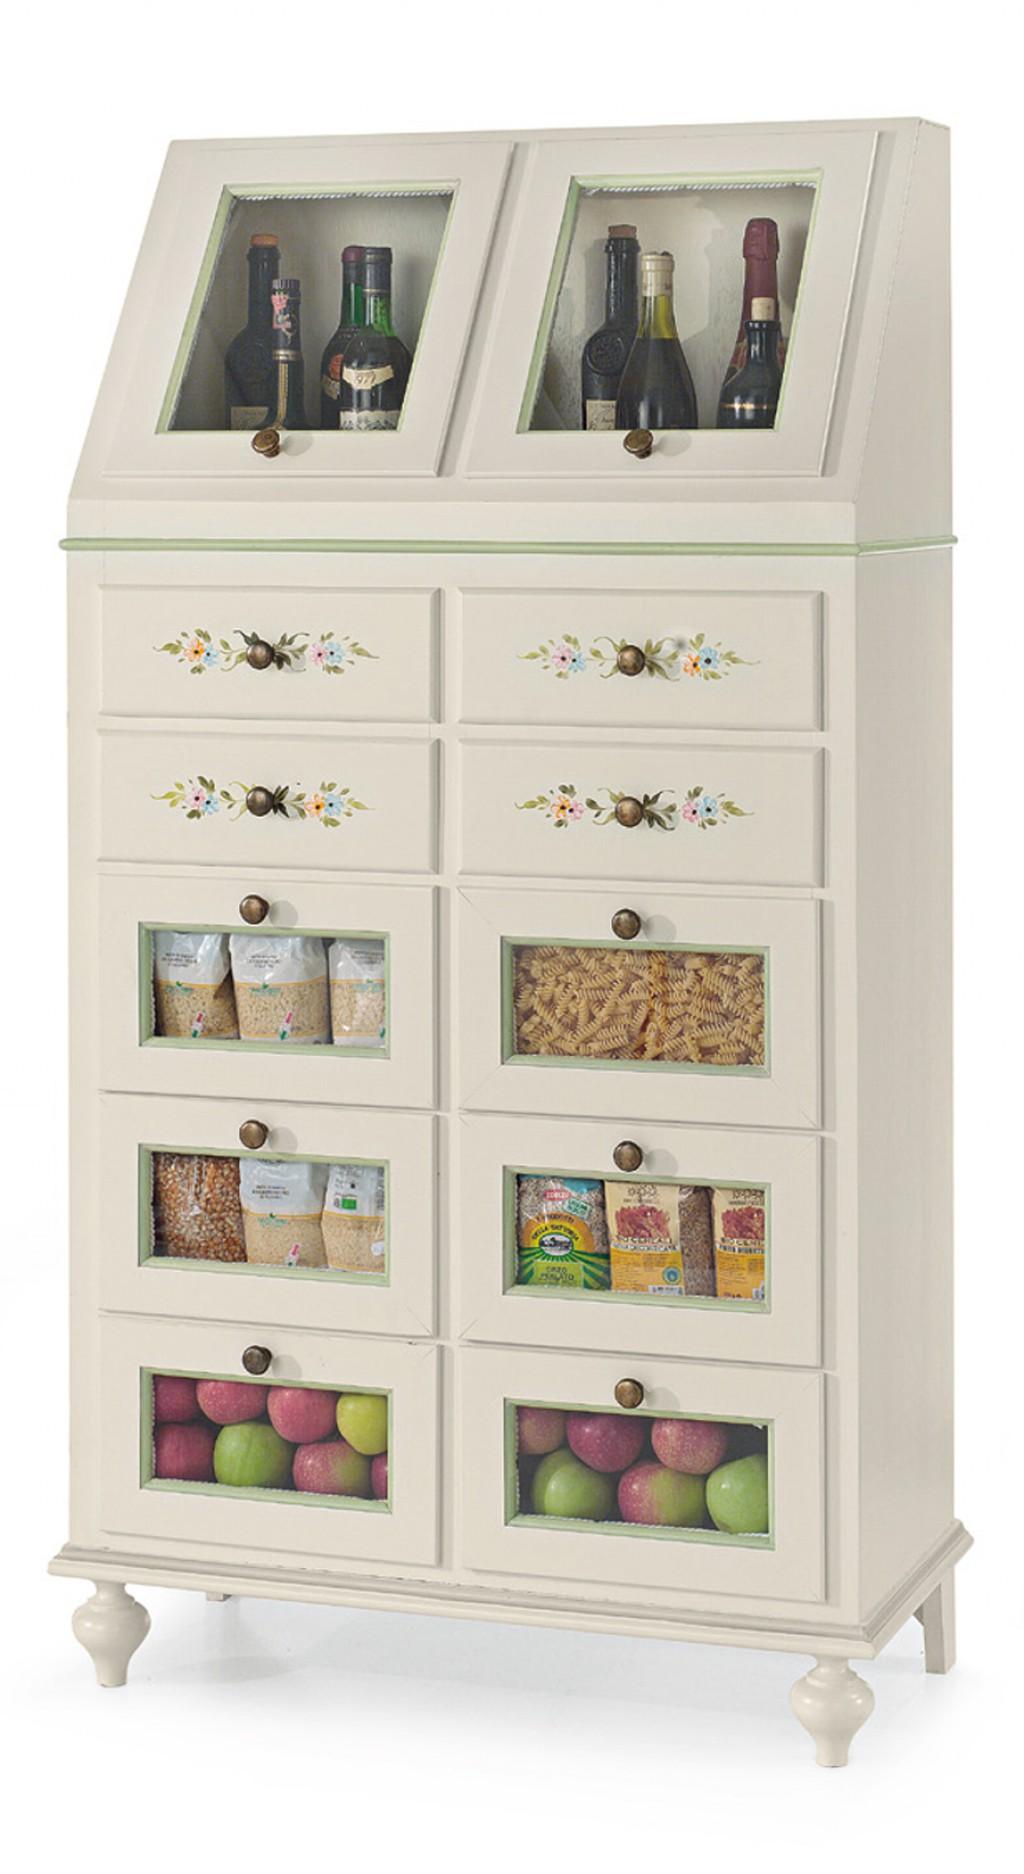 Dispensa classica et501 cucine mobili di qualit al - Iva bonus mobili ...